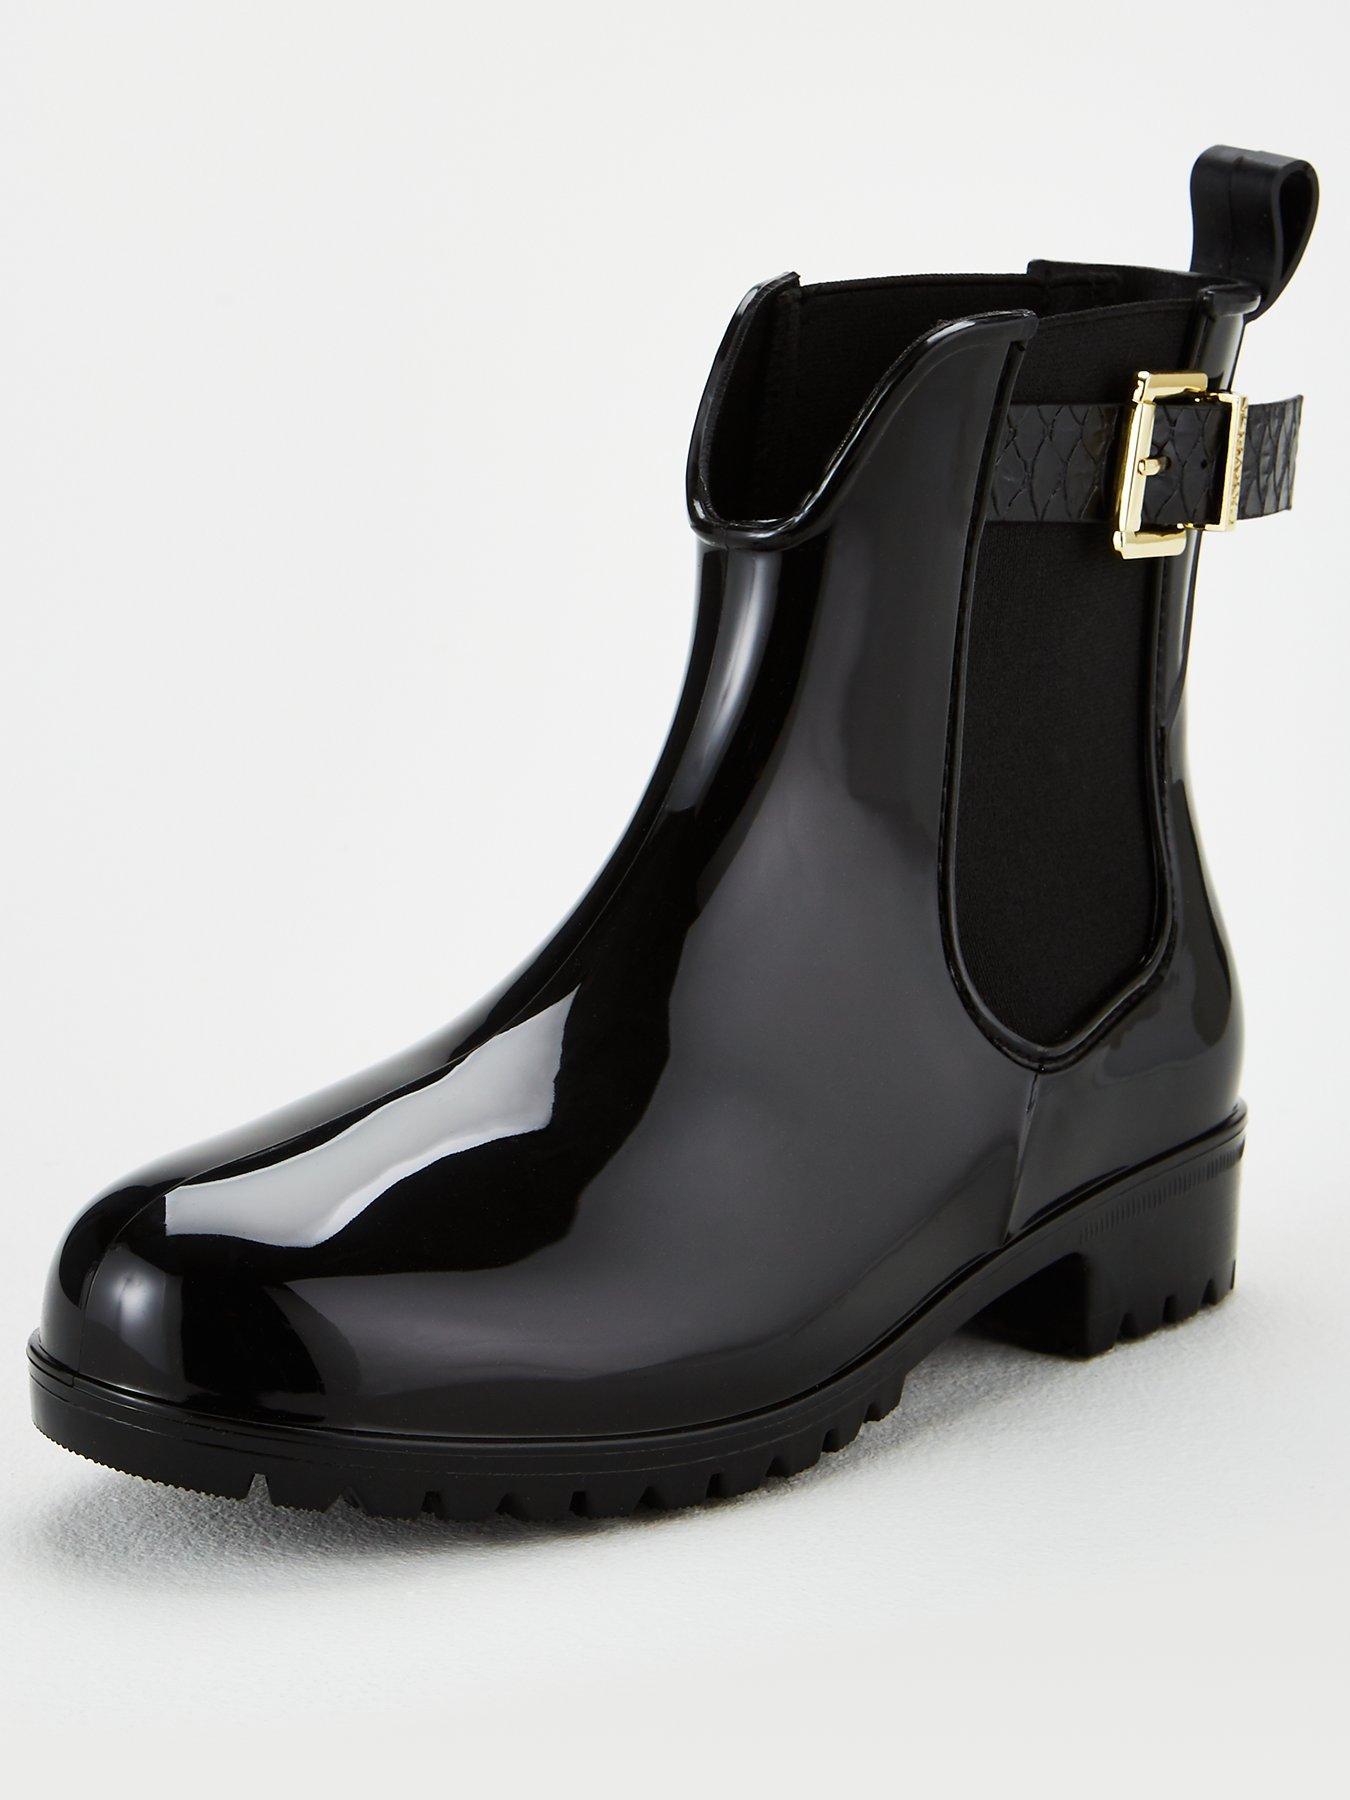 Kurt geiger | Shoes & boots | Women | very.co.uk